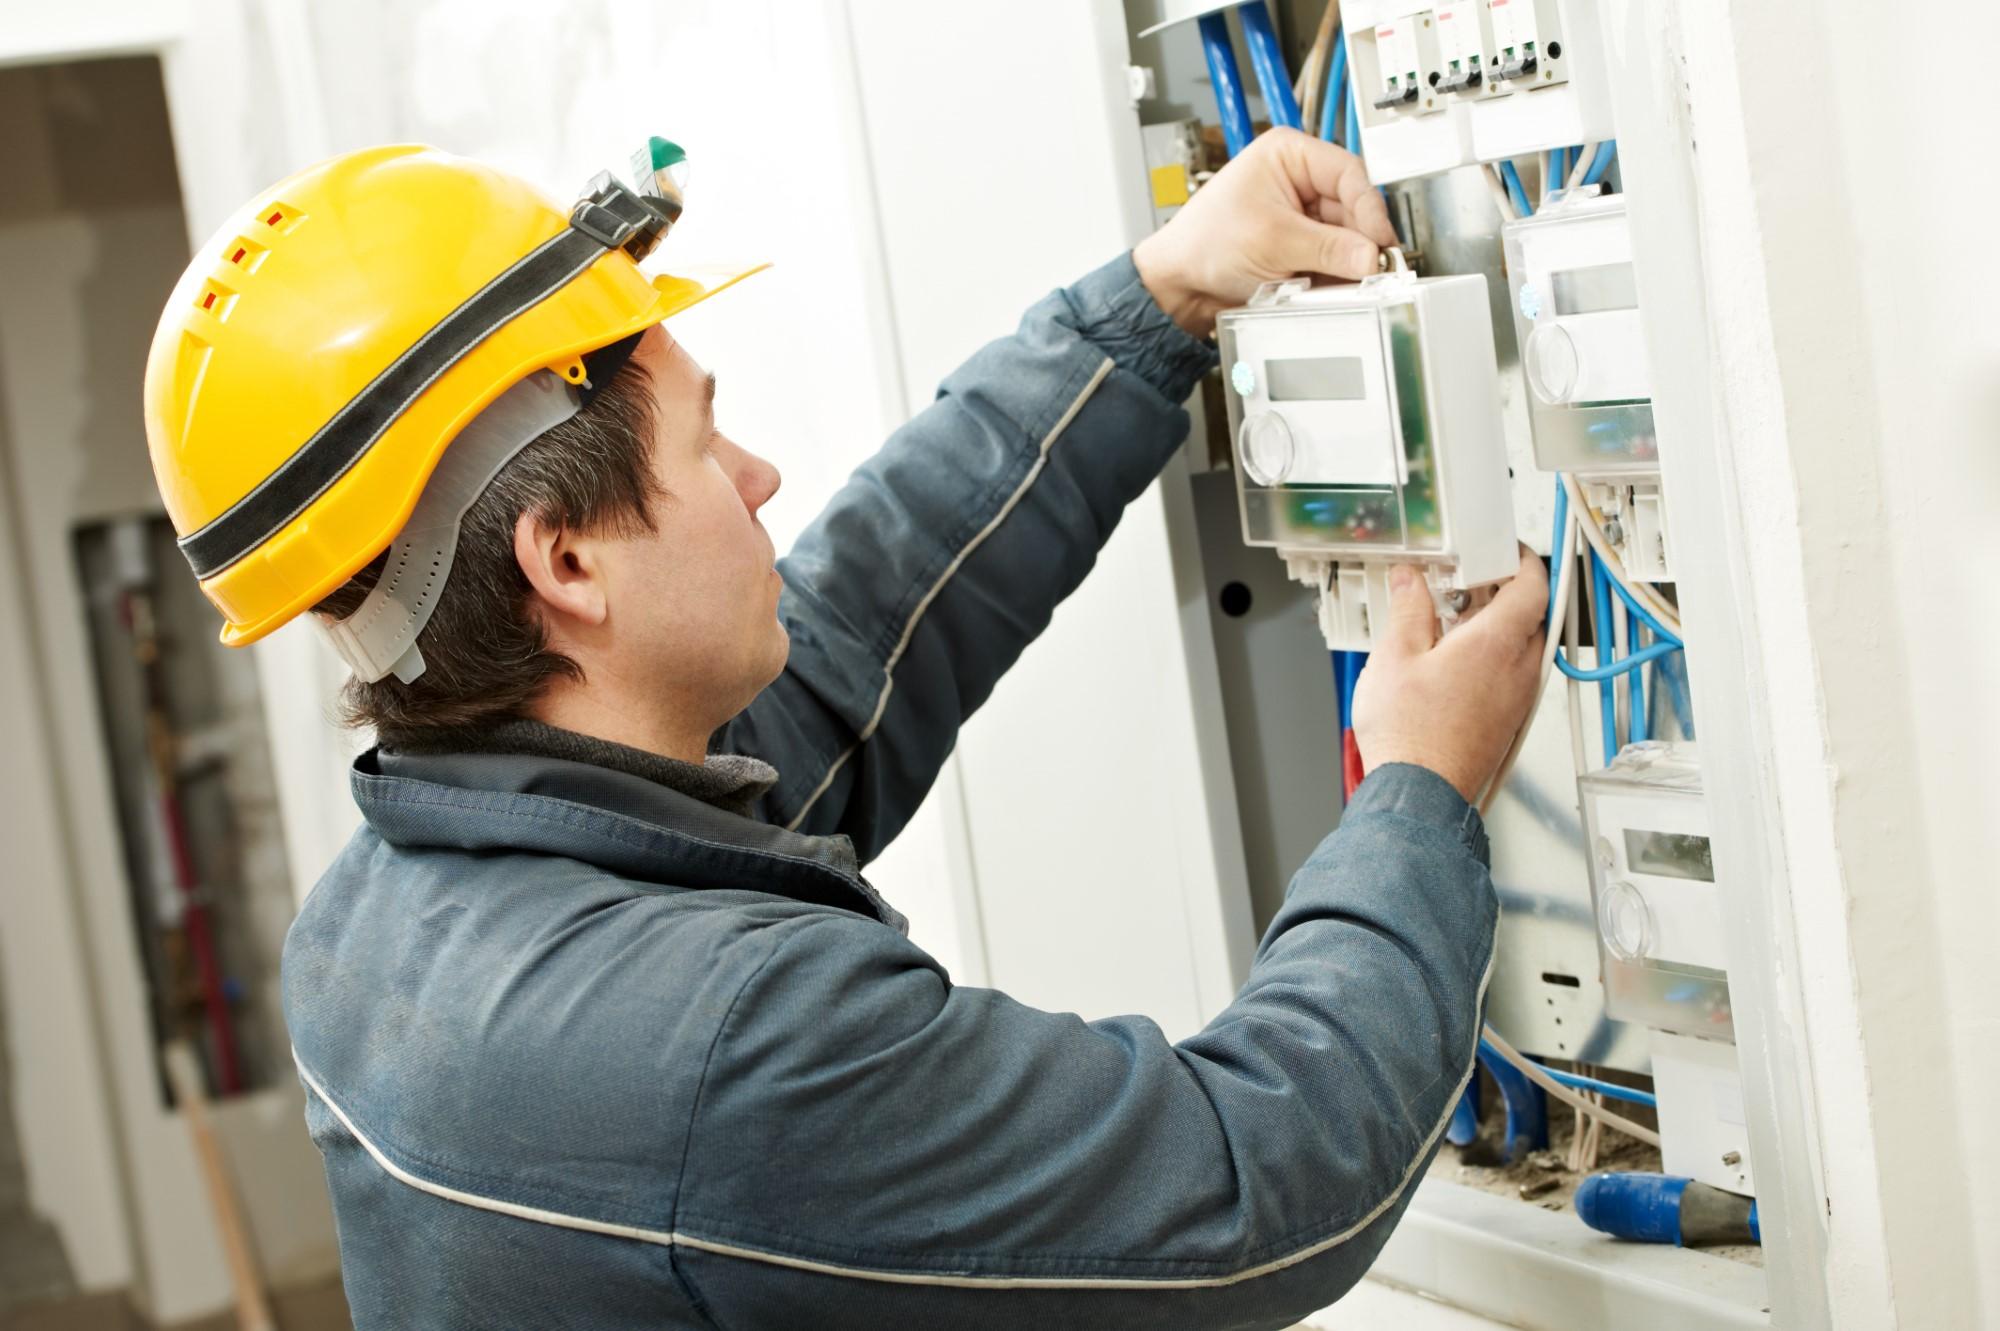 Elektriker montiert Schaltkasten